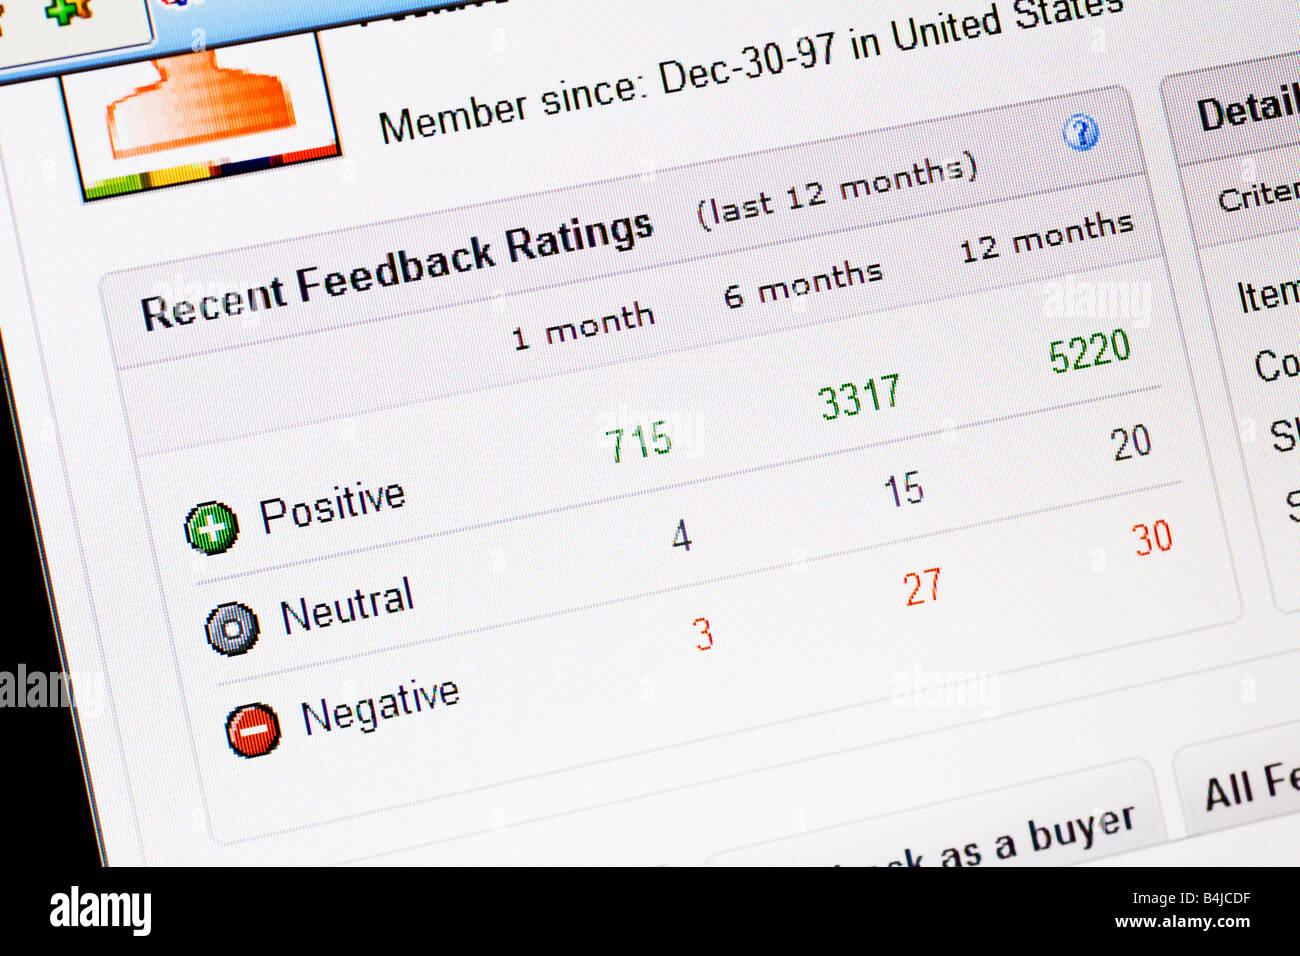 how to change positive feedback on ebay